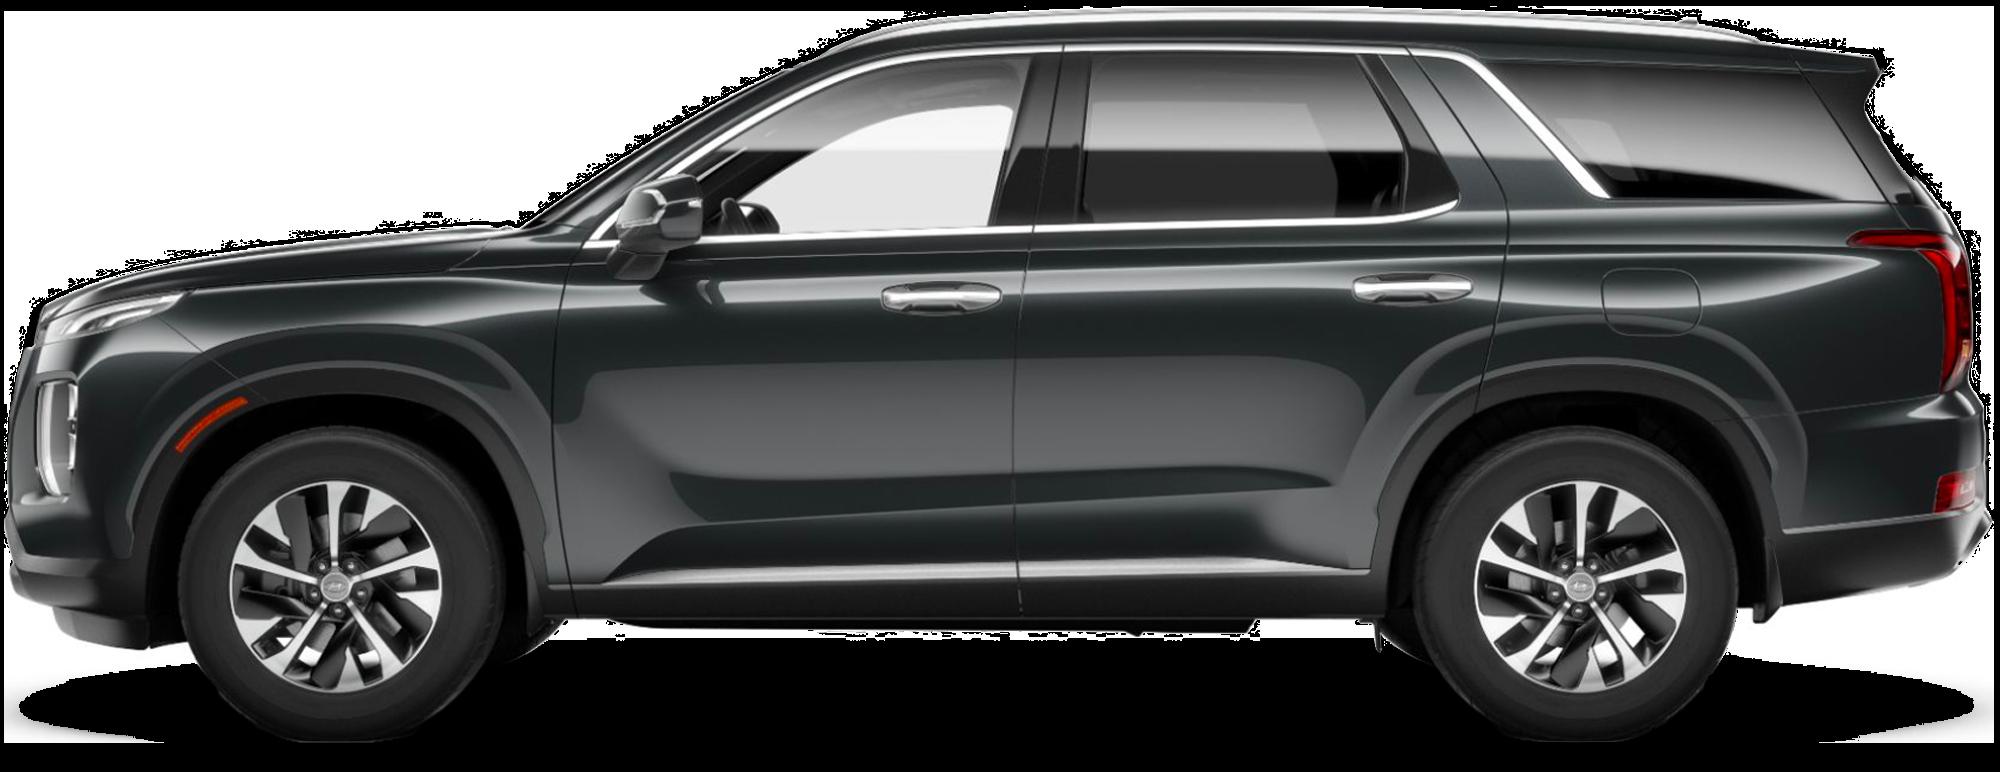 2022 Hyundai Palisade SUV SEL